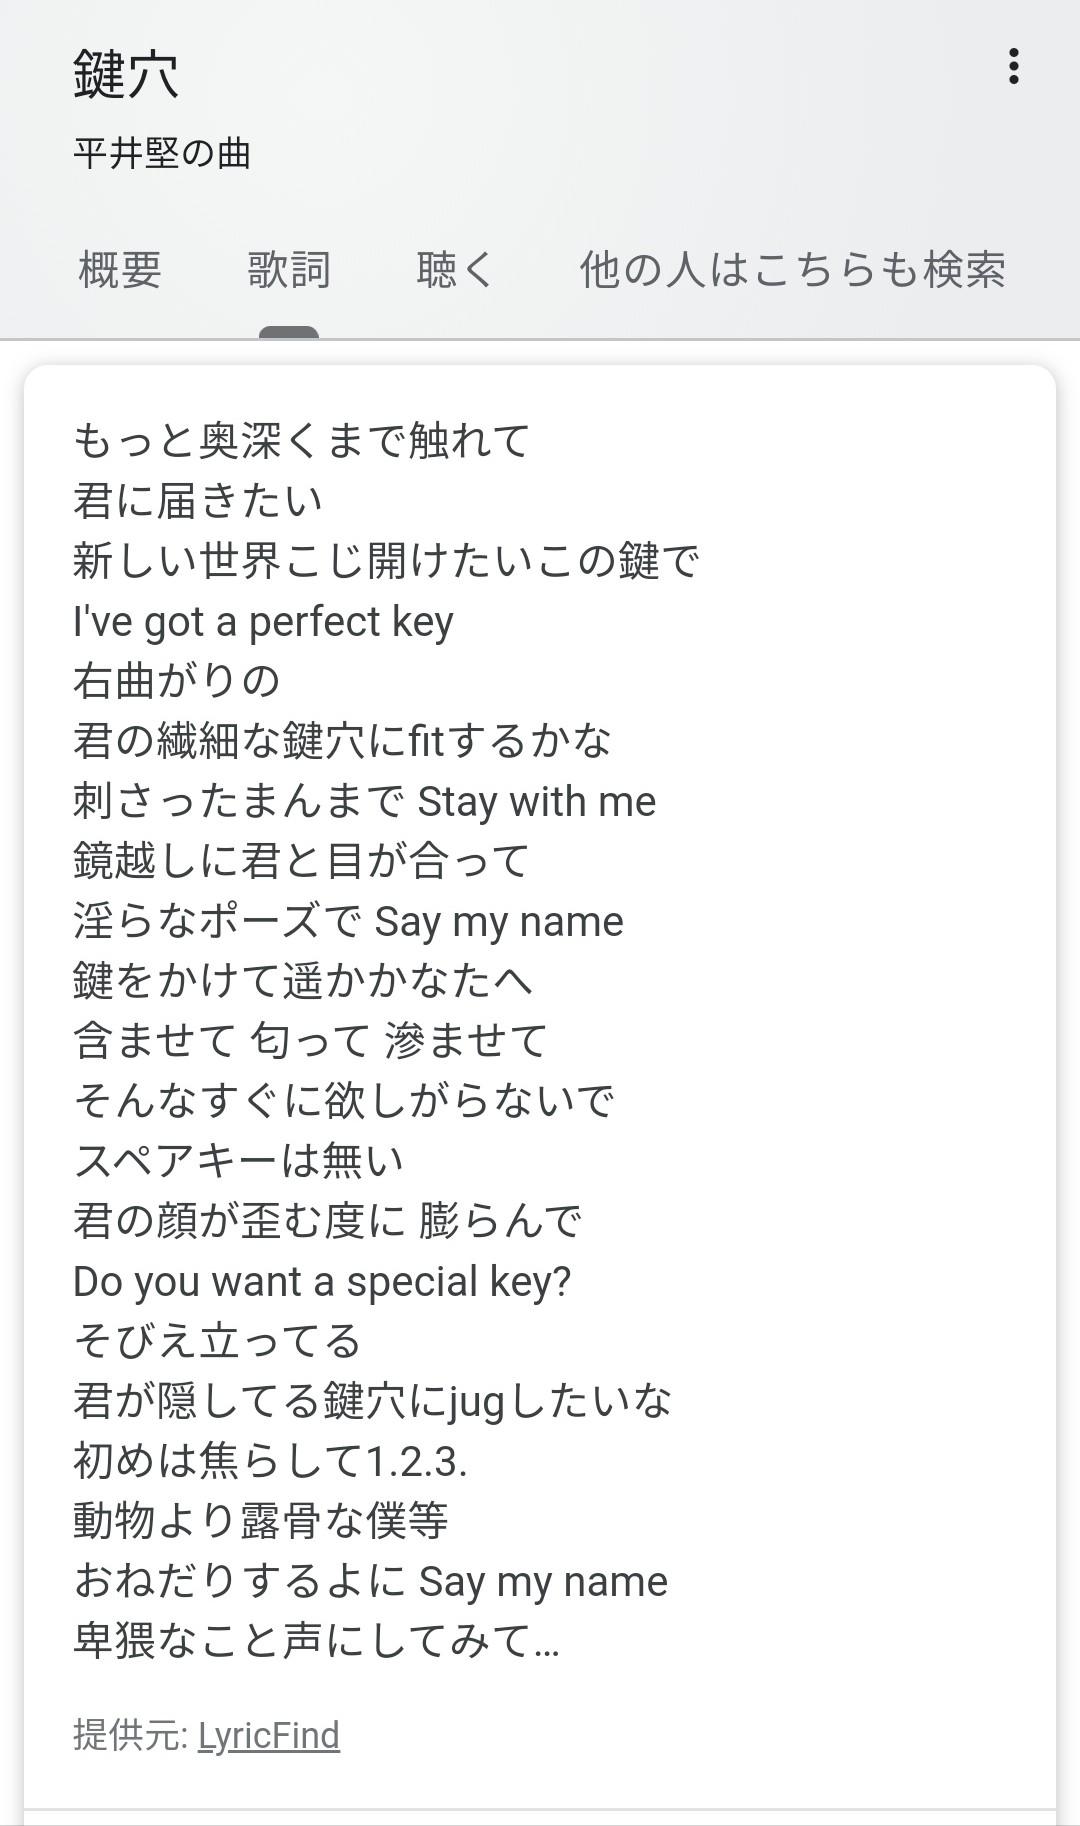 【刺さったまんまの鍵穴!】平井堅さん、あまりにも露骨過ぎる